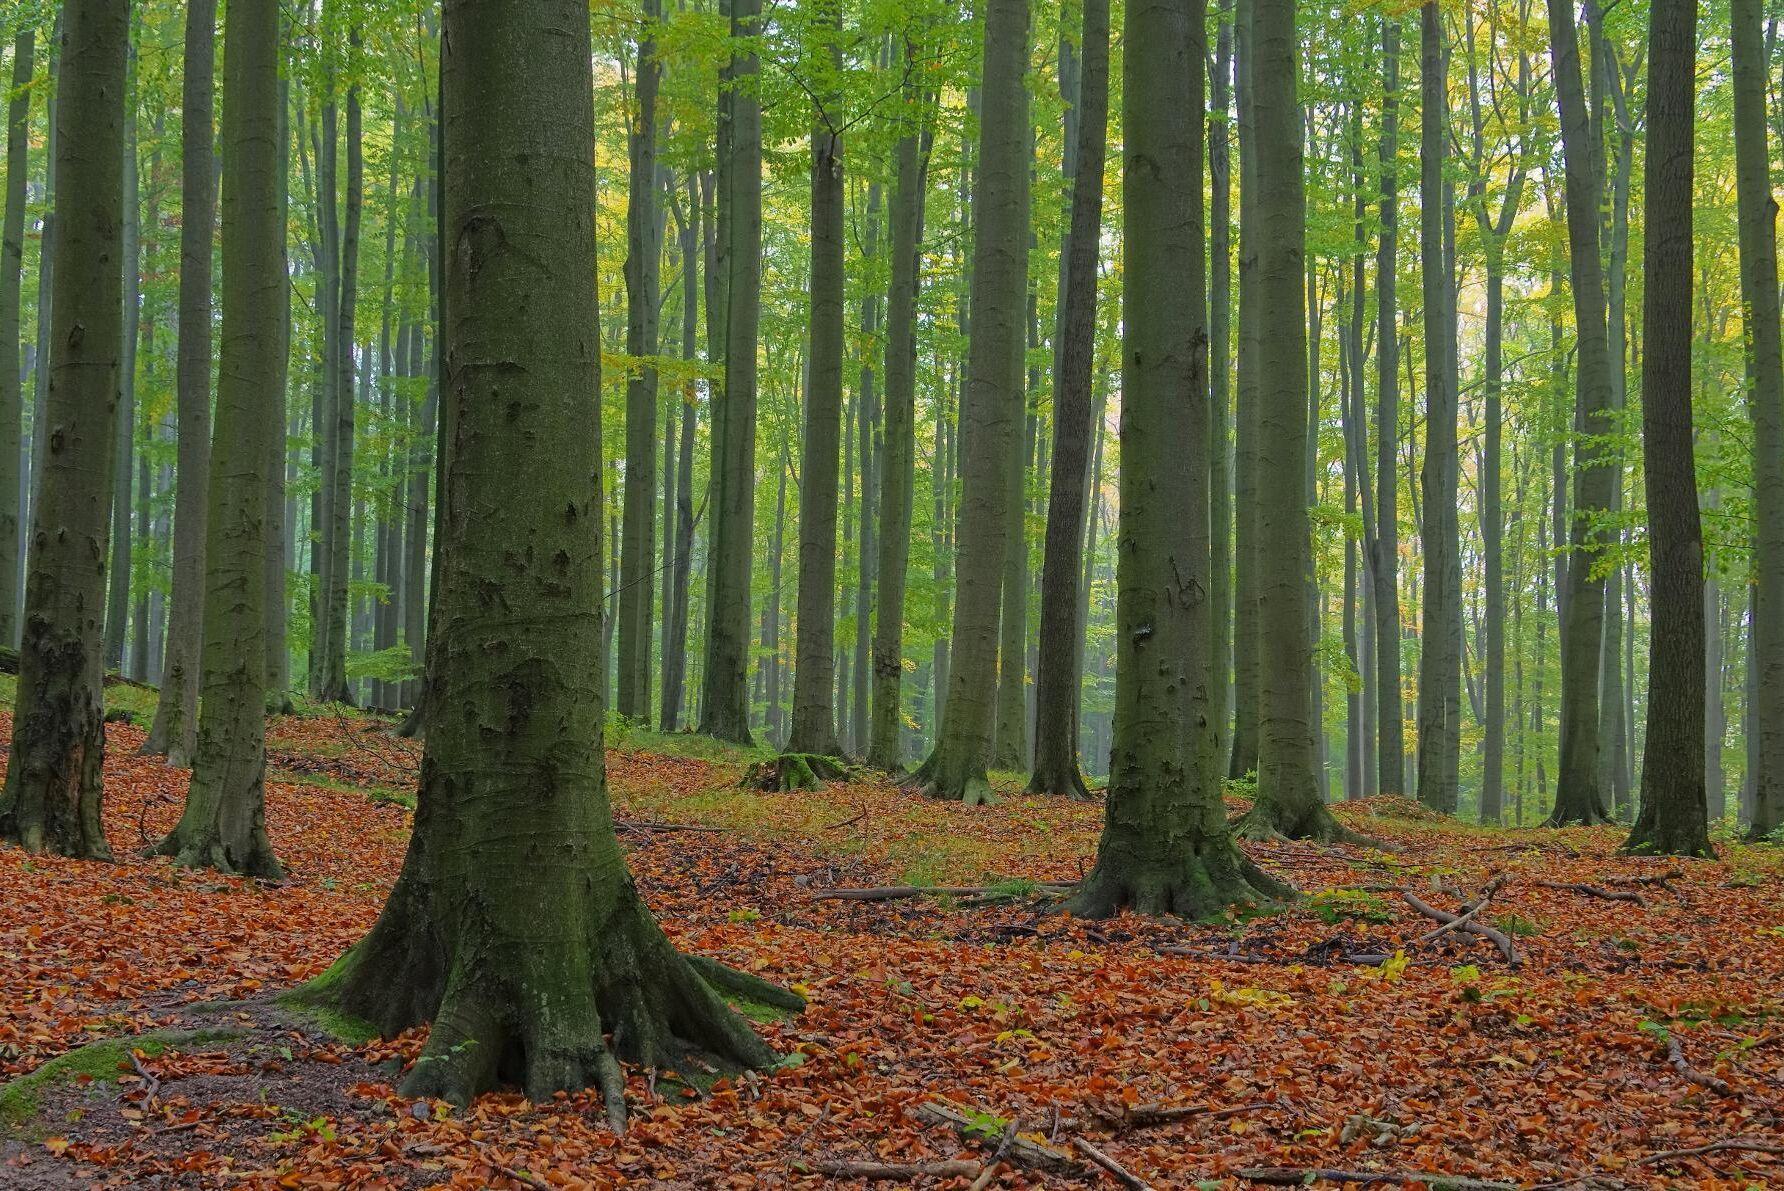 57 procent av skogen i Danmarks skogar lövskog, och när regeringen stoppar all avverkning på 16 000 hektar innebär det problem för exempelvis boksågverk. (Arkivbild)